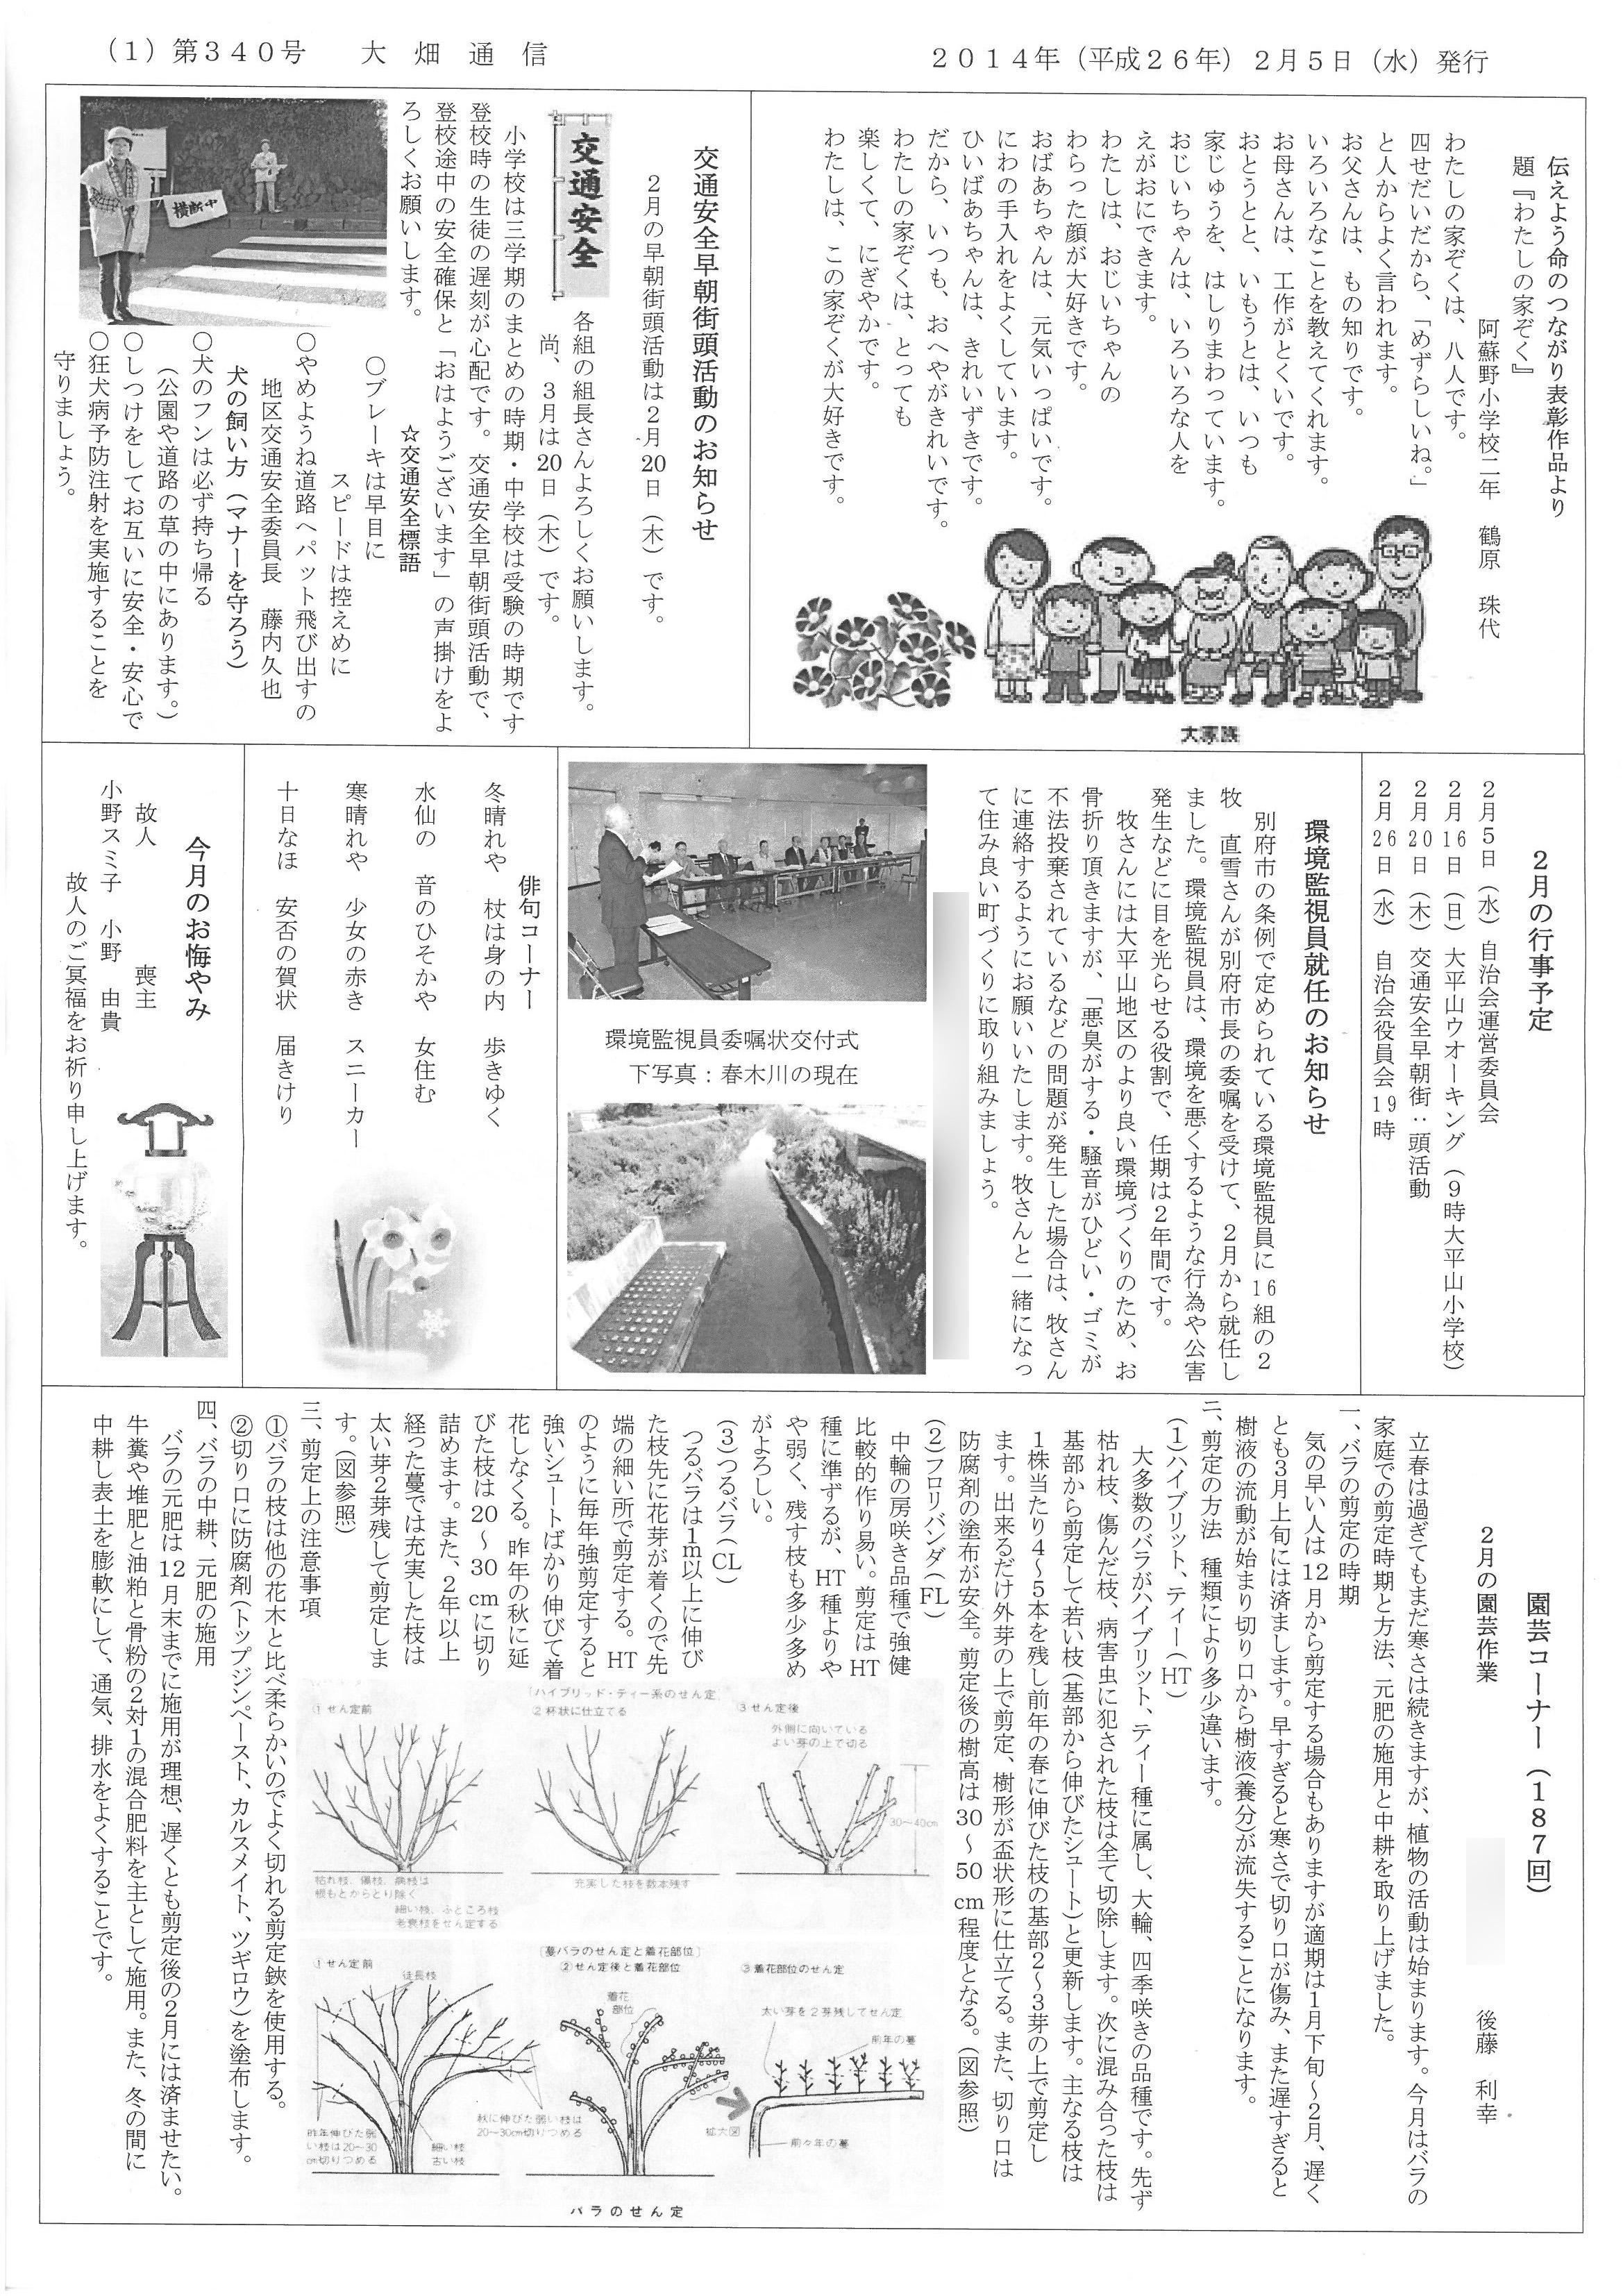 obatake2014_02_02